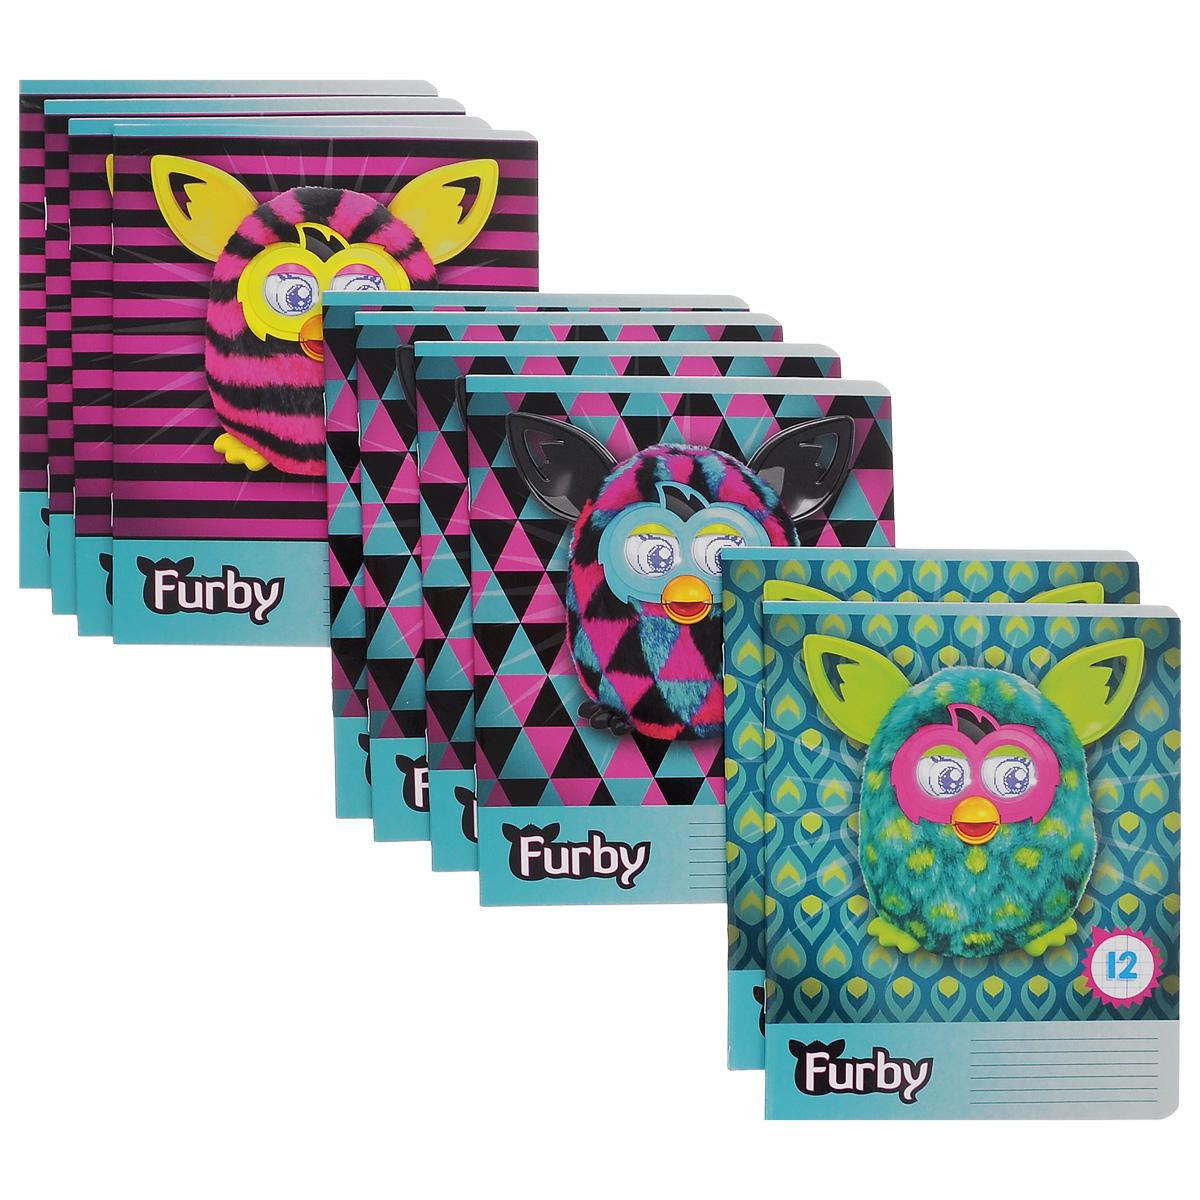 Набор тетрадей в клетку Furby, цвет: фиолетовый, бирюзовый, 12 листов, 10 шт. FB39/5FB39/5_Вид 2Комплект тетрадей Furby включает в себя 10 тетрадей в линейку по 12 листов. Обложка каждой тетради оформлена изображением игрушек Furby. На задней обложке каждой тетради представлена таблица умножения. Внутренний блок тетрадей состоит из 12 листов белой бумаги, соединенных скрепками. Стандартная линовка в клетку дополнена полями, совпадающими с лицевой и оборотной стороны листа. В наборе представлены тетради с тремя вариантами изображений Furby.